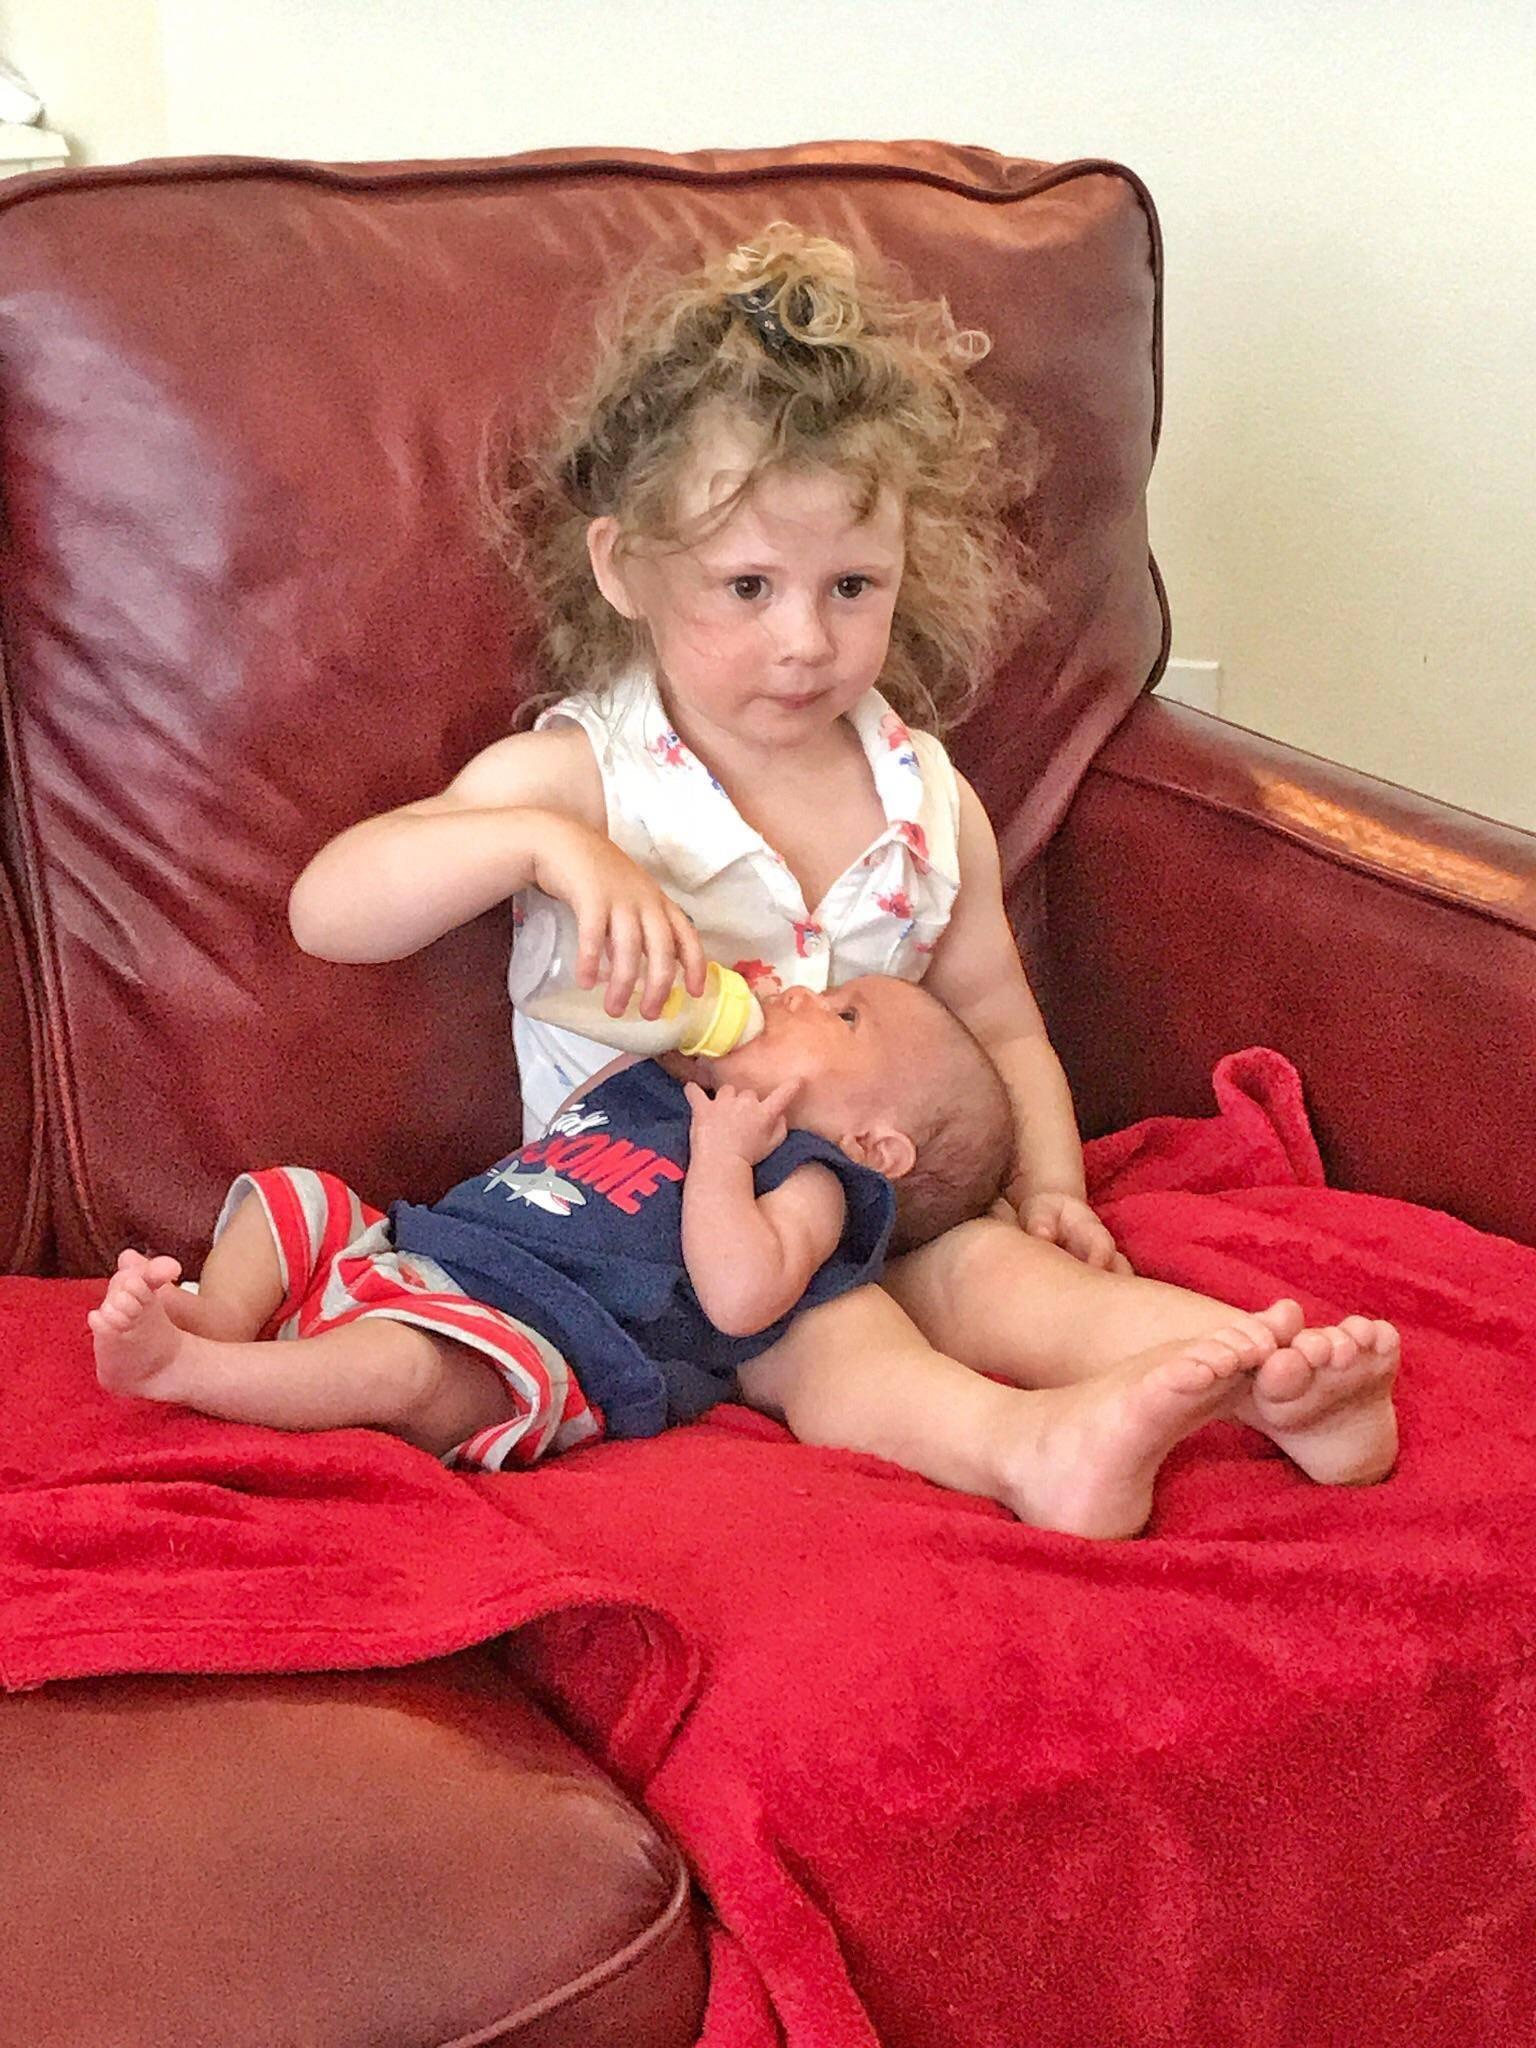 Можно ли шлепать ребенка? - нужно ли шлепать ребенка - запись пользователя ▲▲▲ алсу фотограф ▲▲▲&spades (alekc) в дневнике - babyblog.ru